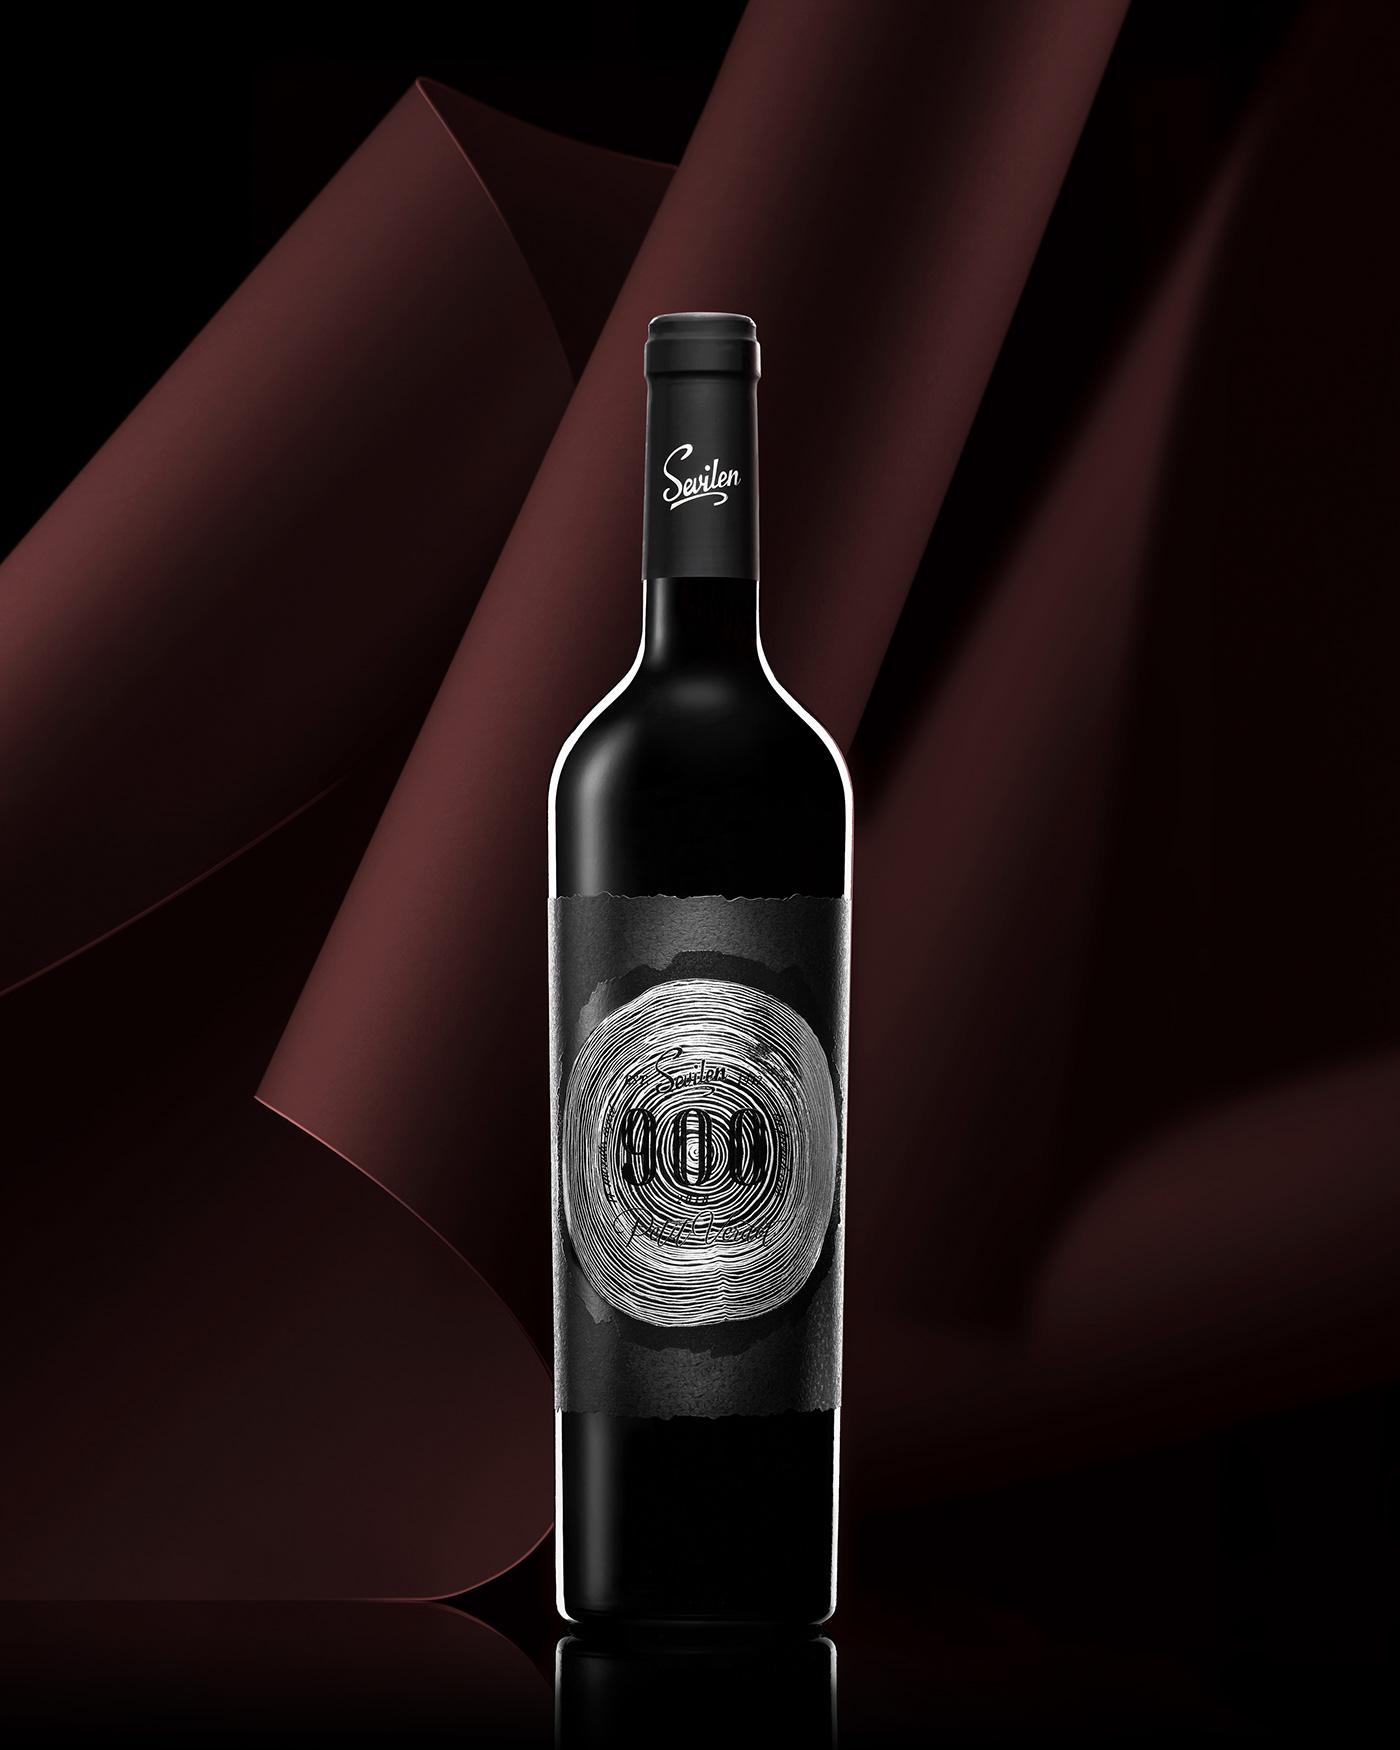 black bottle bottle product Product Photography wine